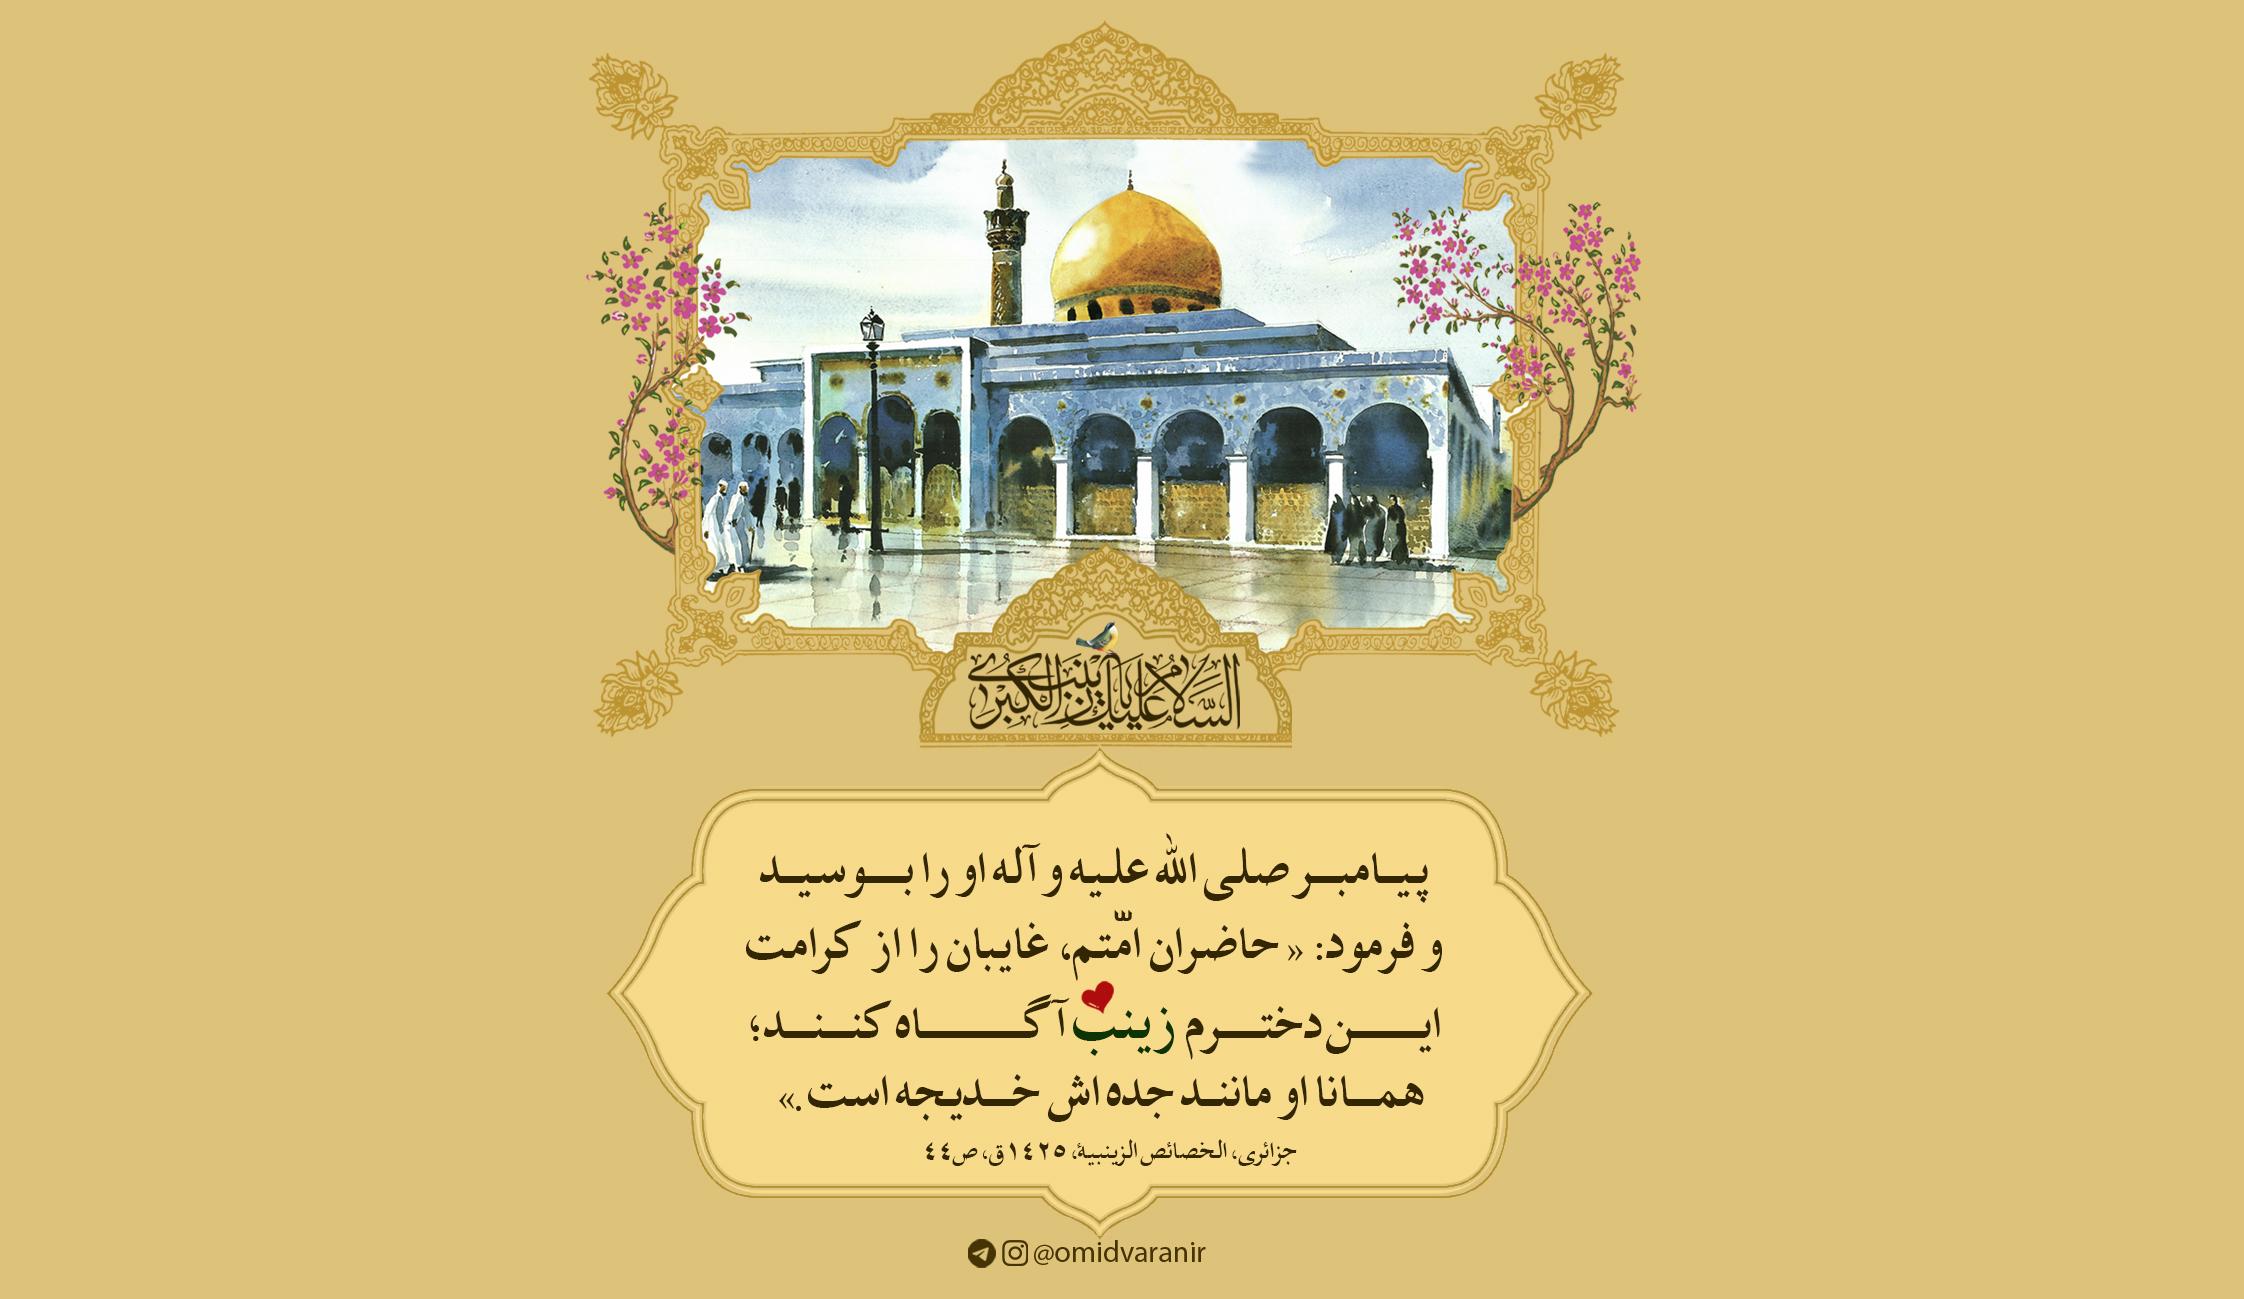 ولادت حضرت زینب سلام الله علیها